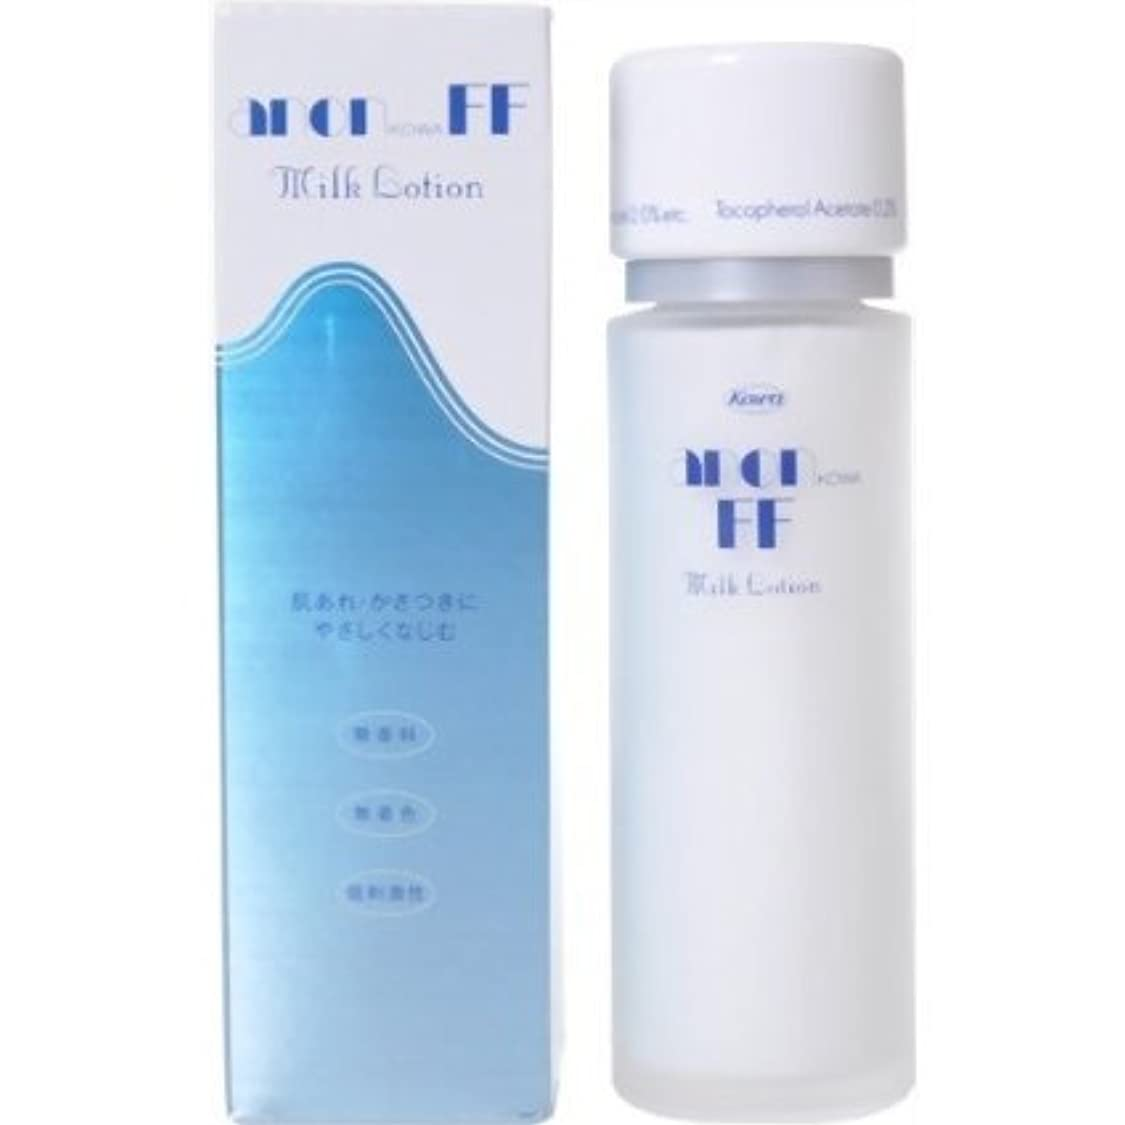 興和新薬 アノンコーワFF乳液120mL×2 2609